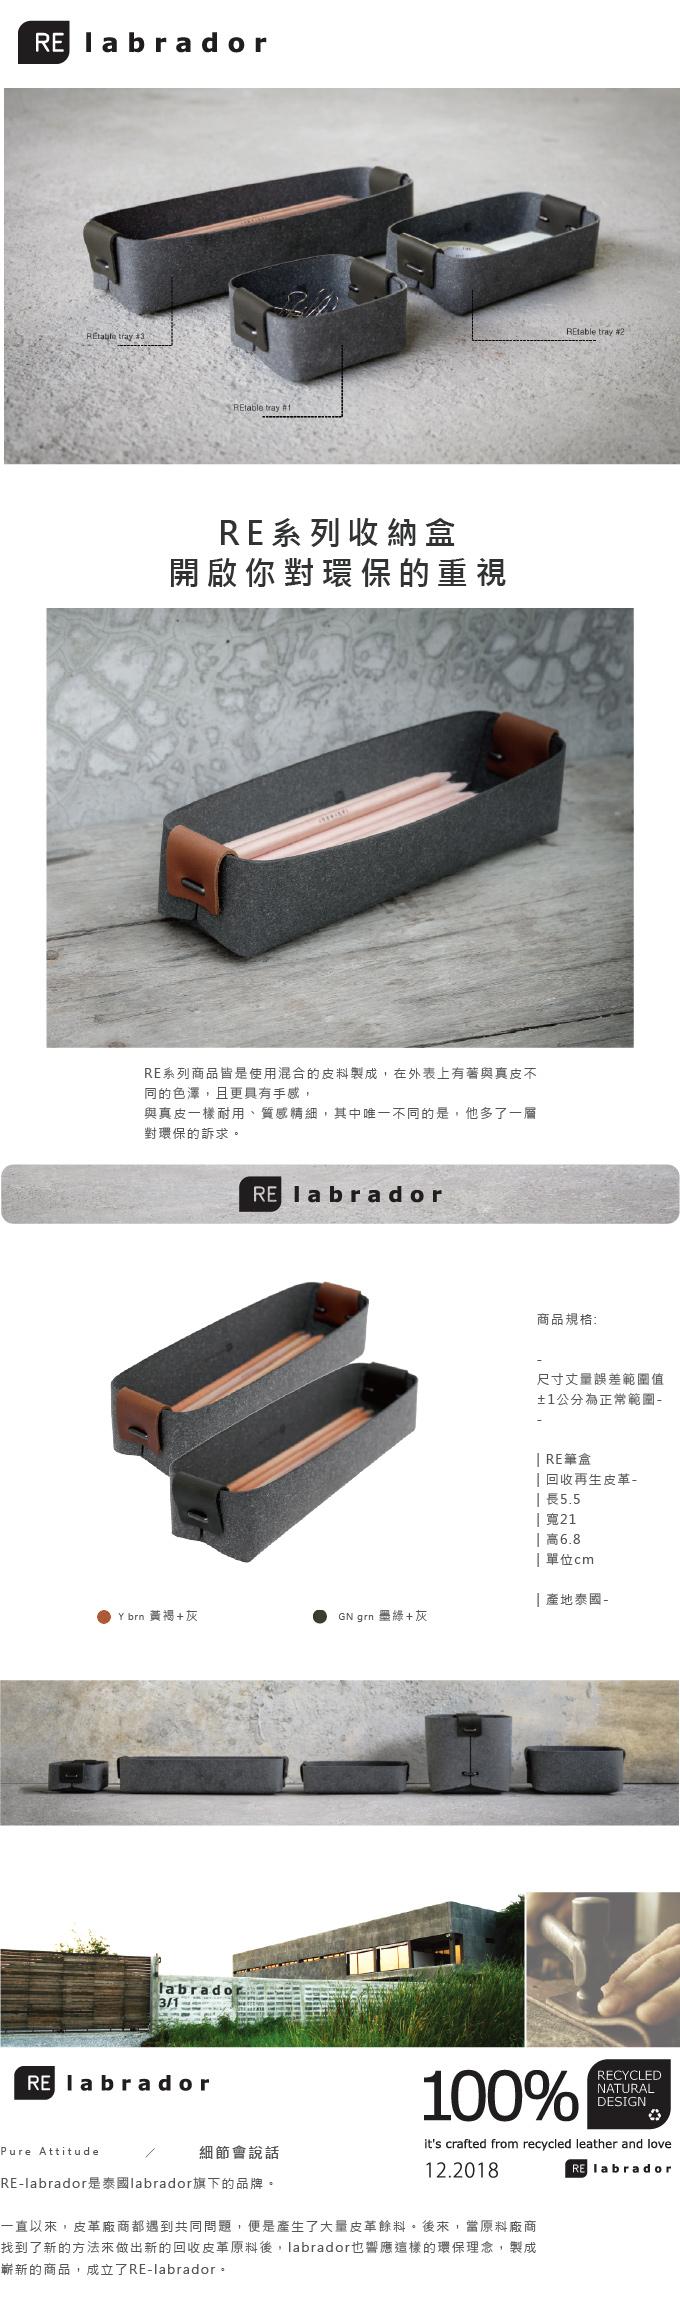 (複製)labrador|RE收納盒S